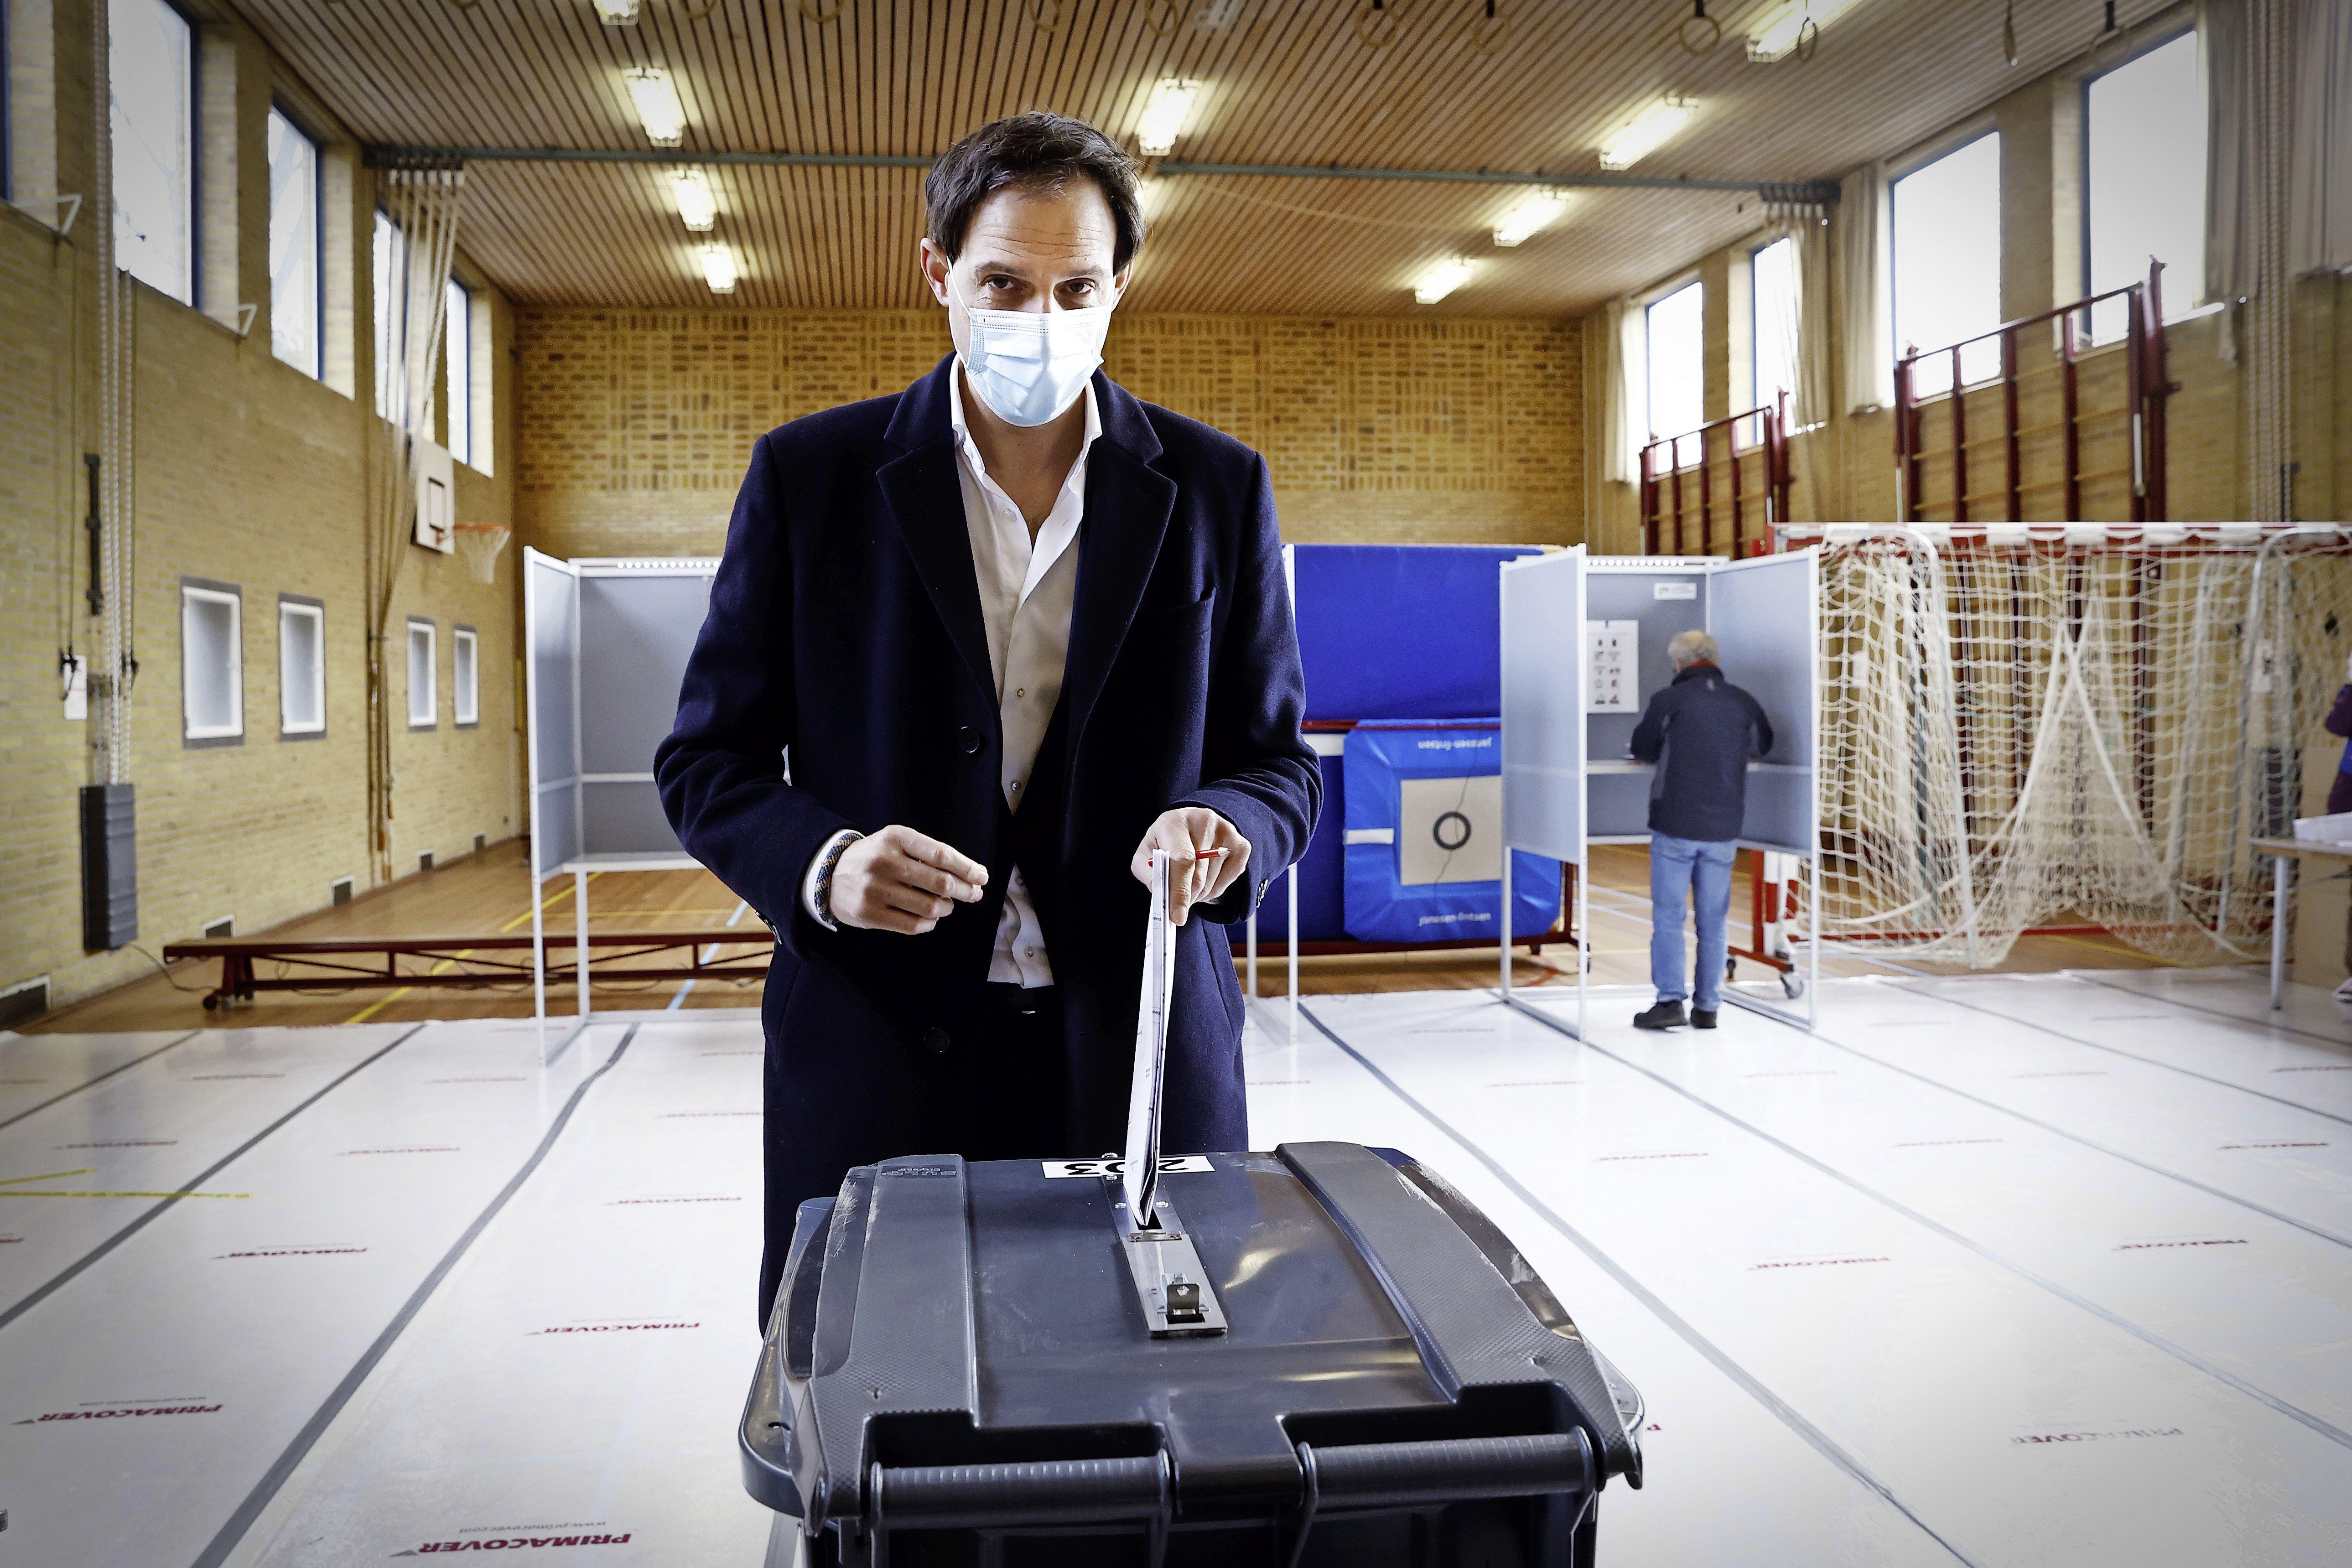 Hoe deden de kandidaten Gooi en Vechtstreek het tijdens de verkiezingen? Slechts drie van de twintig in de Tweede Kamer, twee in de wacht en rest kansloos